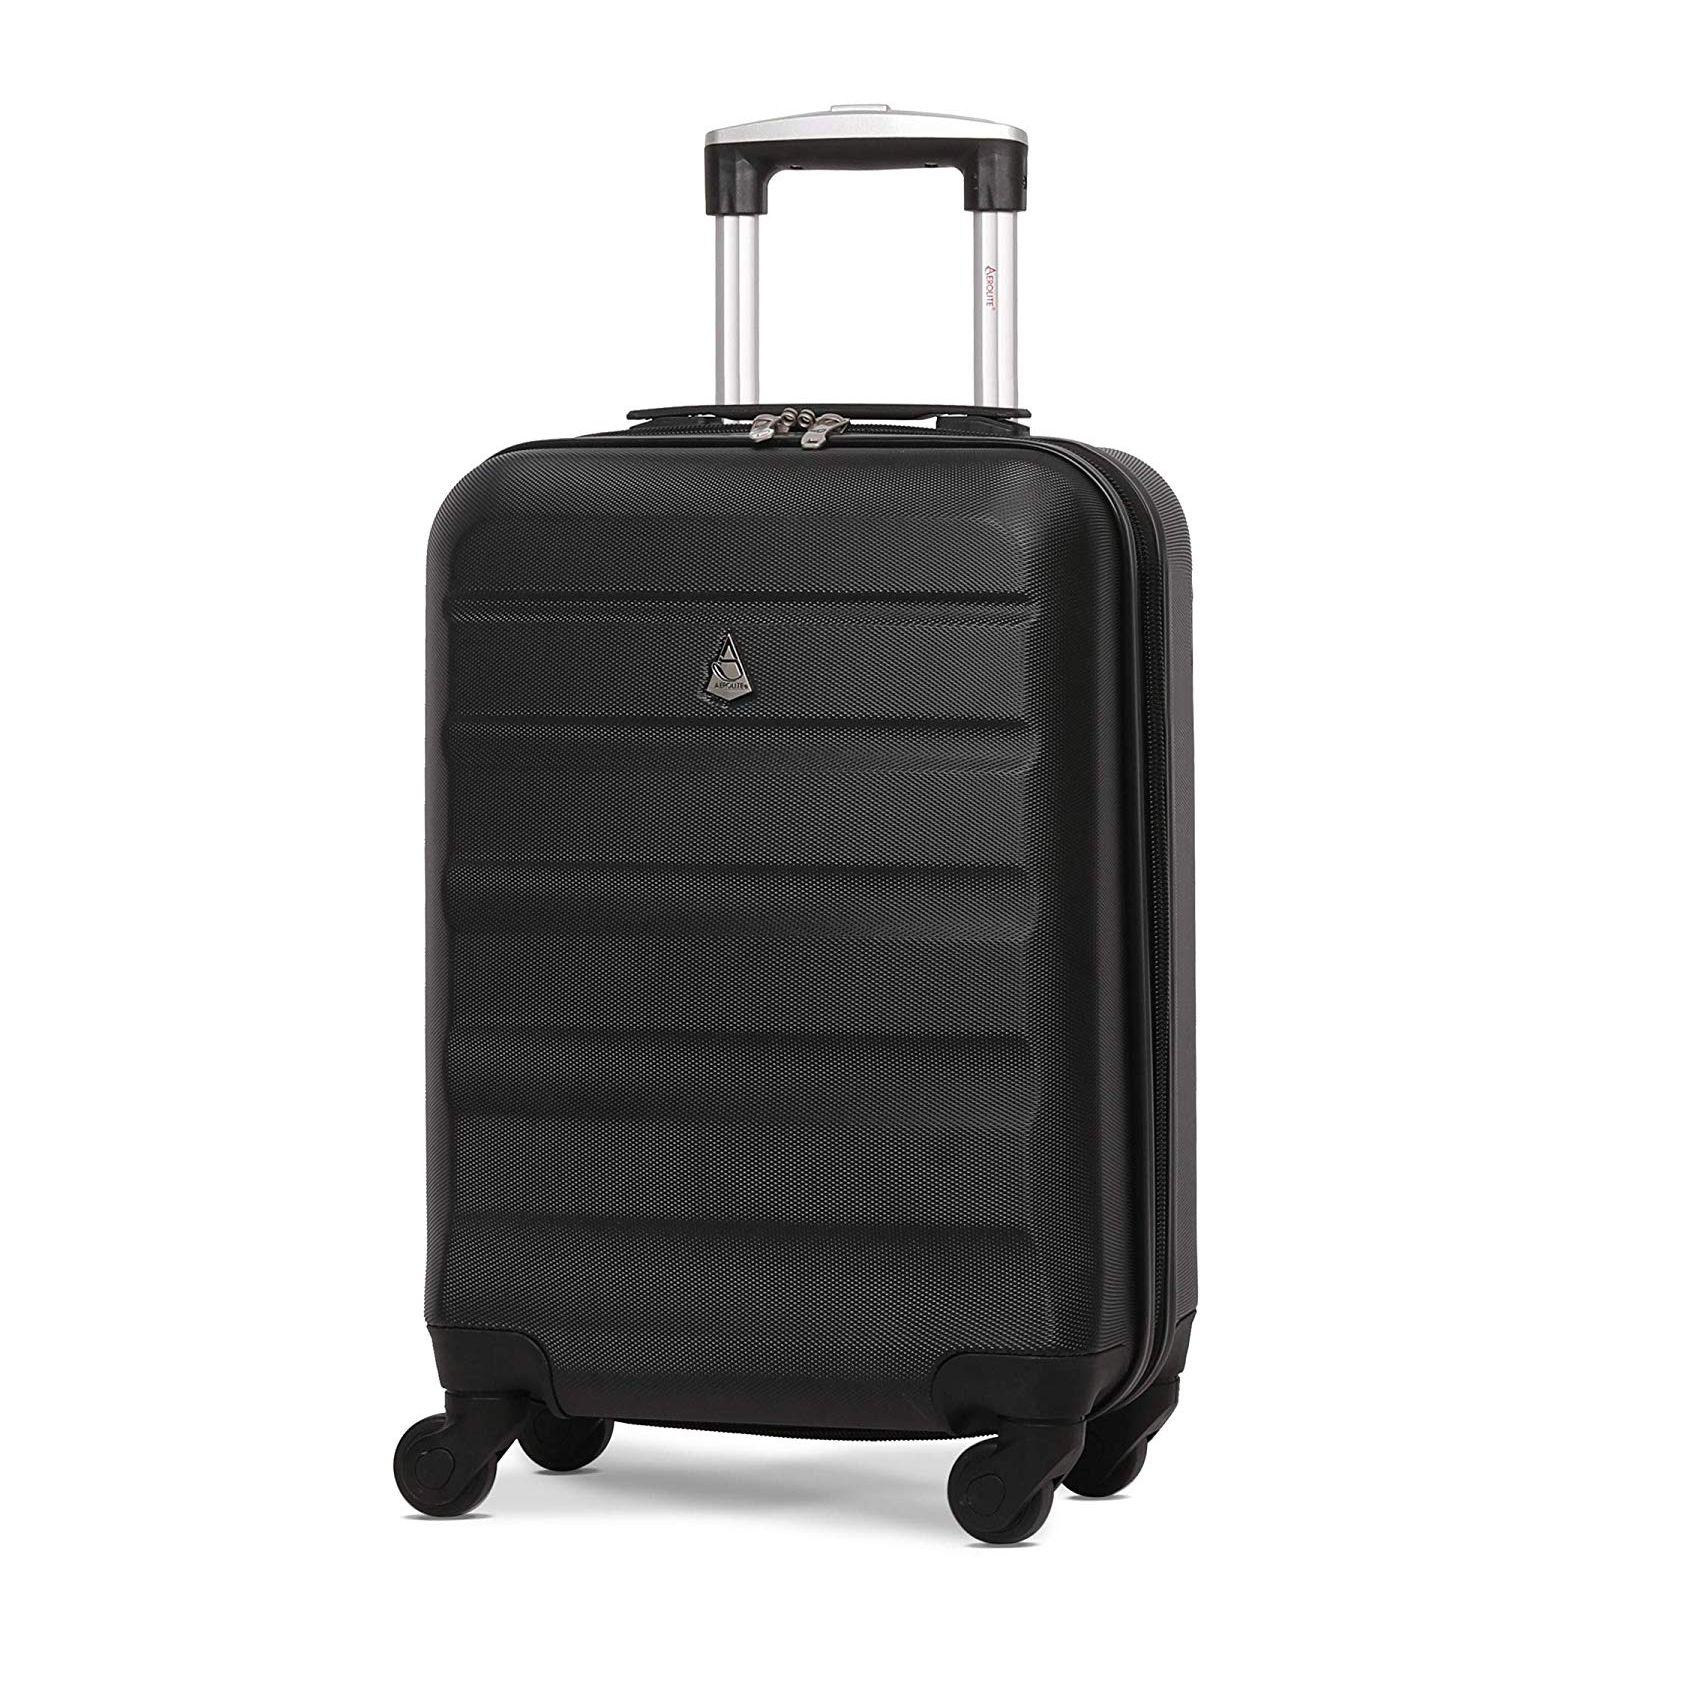 Best cabin luggage - Aerolite